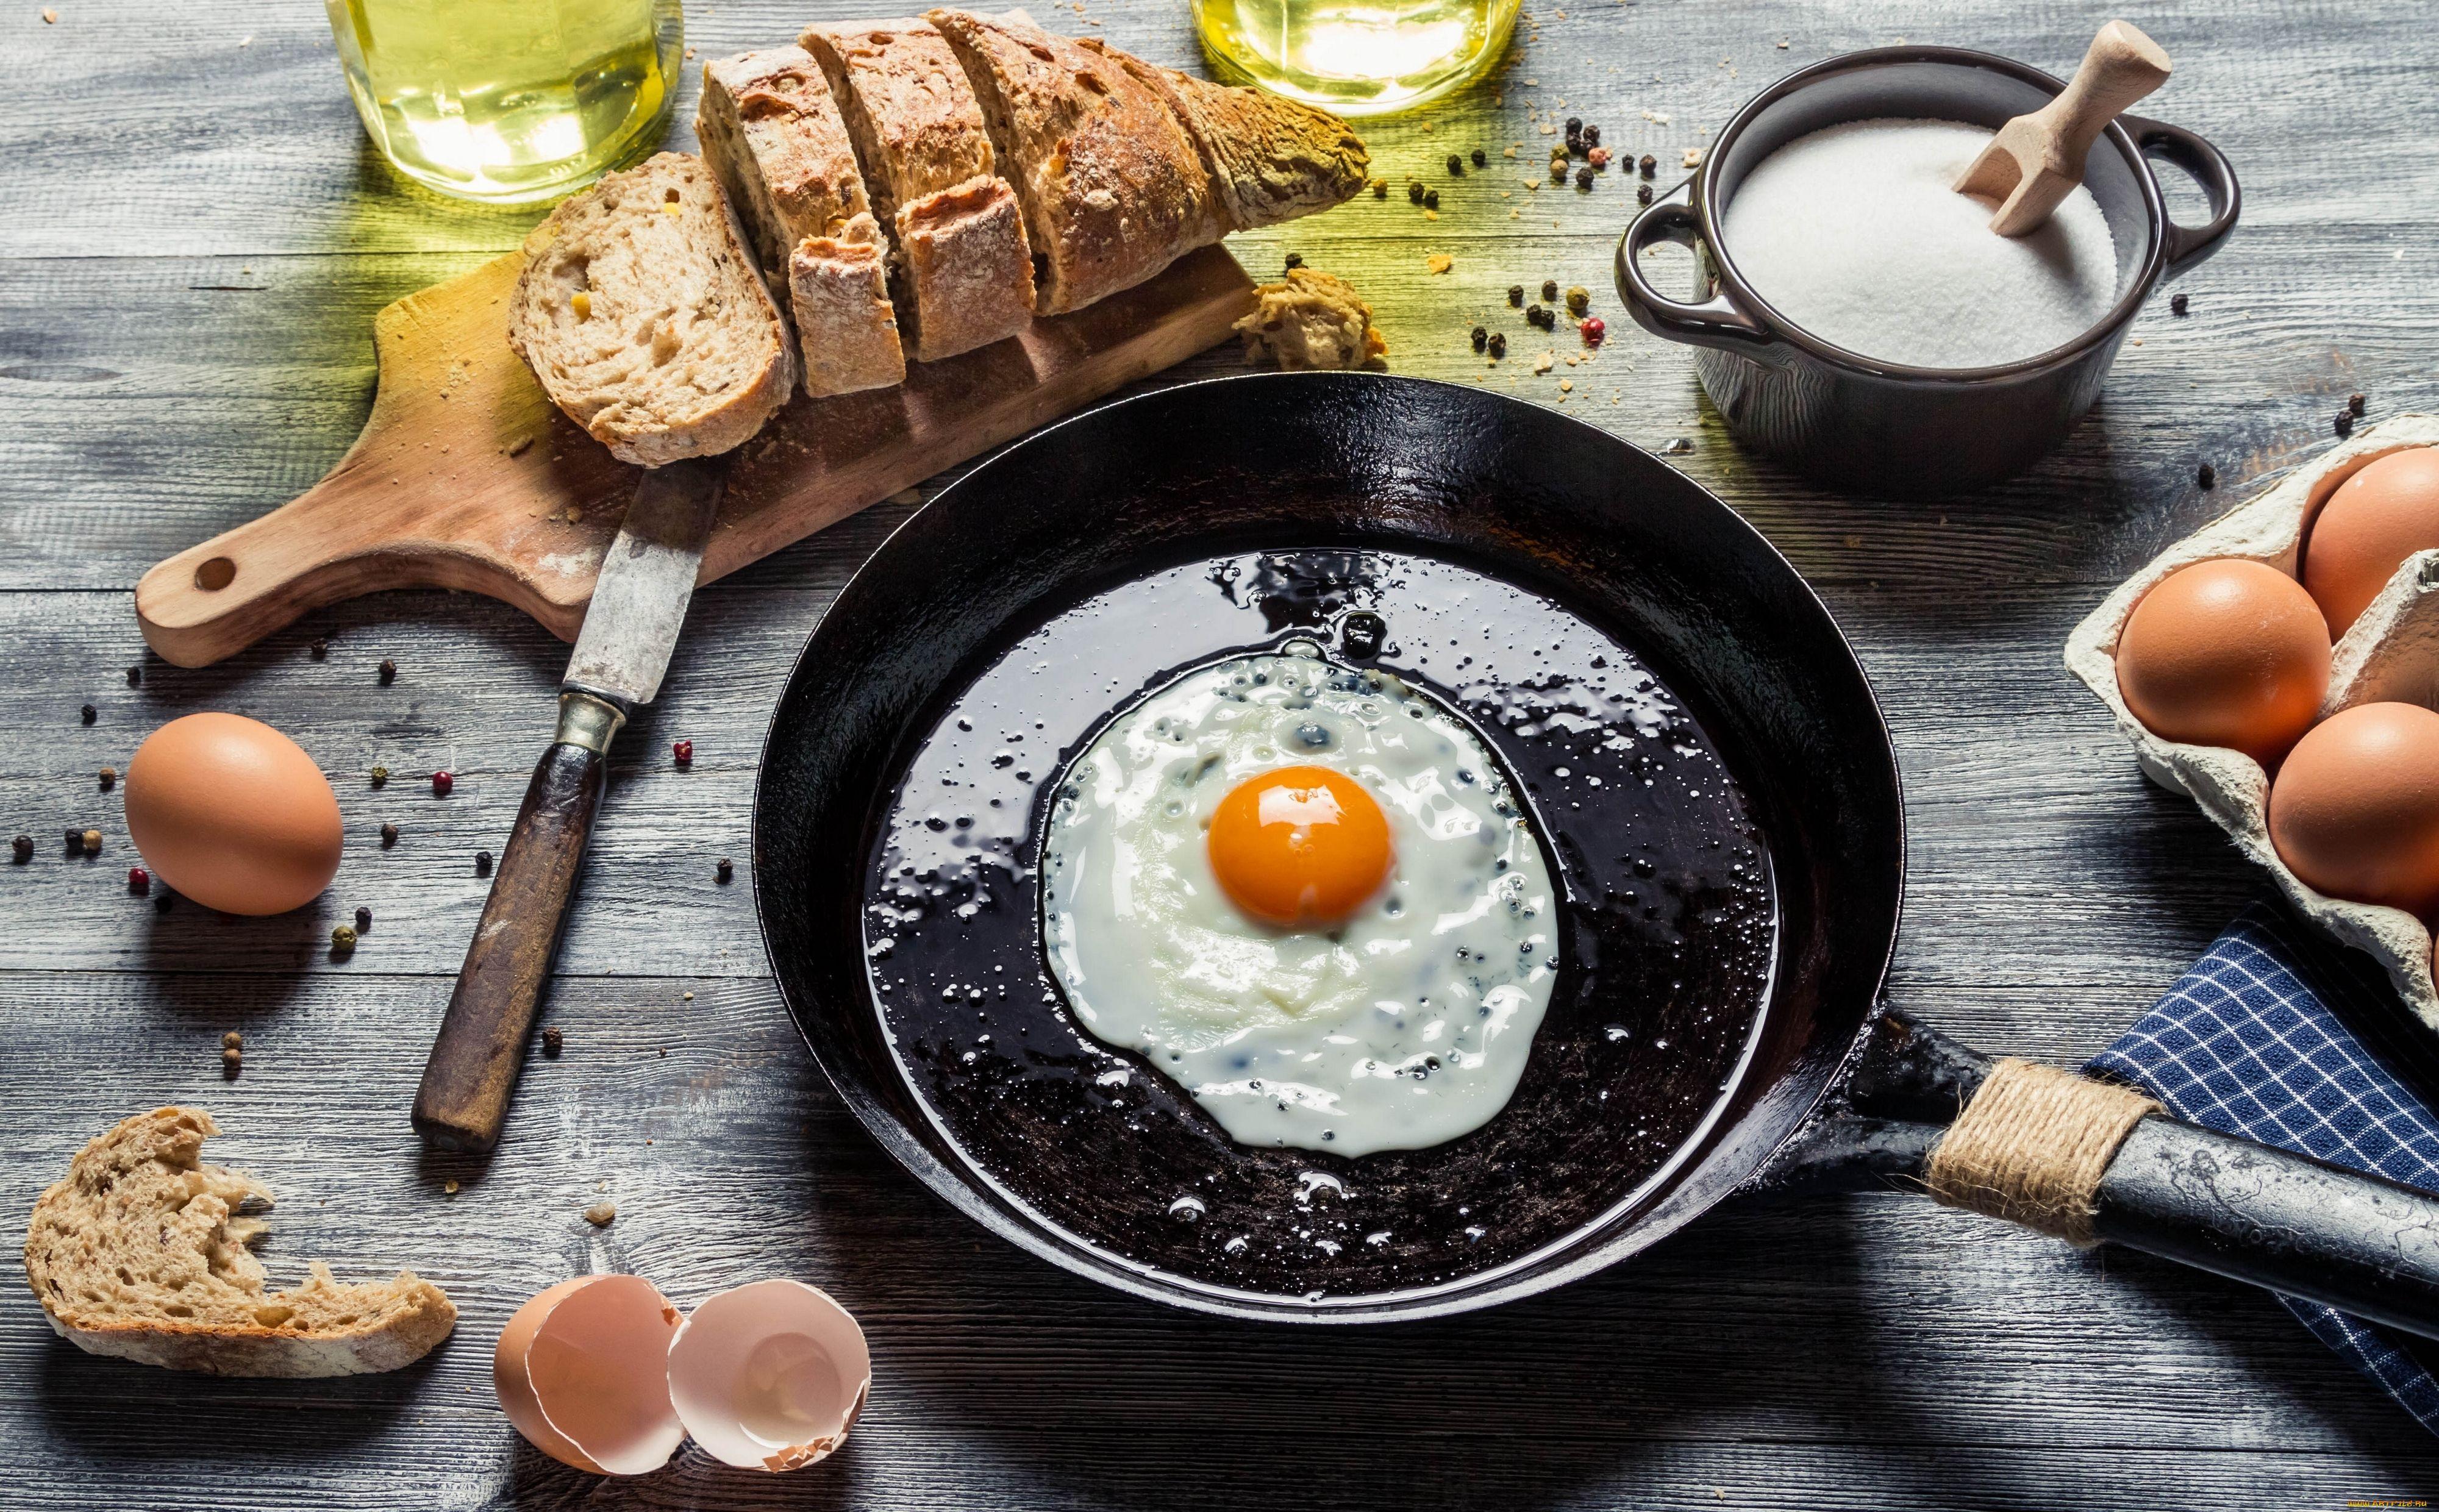 как правильно выбрать фон для фотосъемки еды